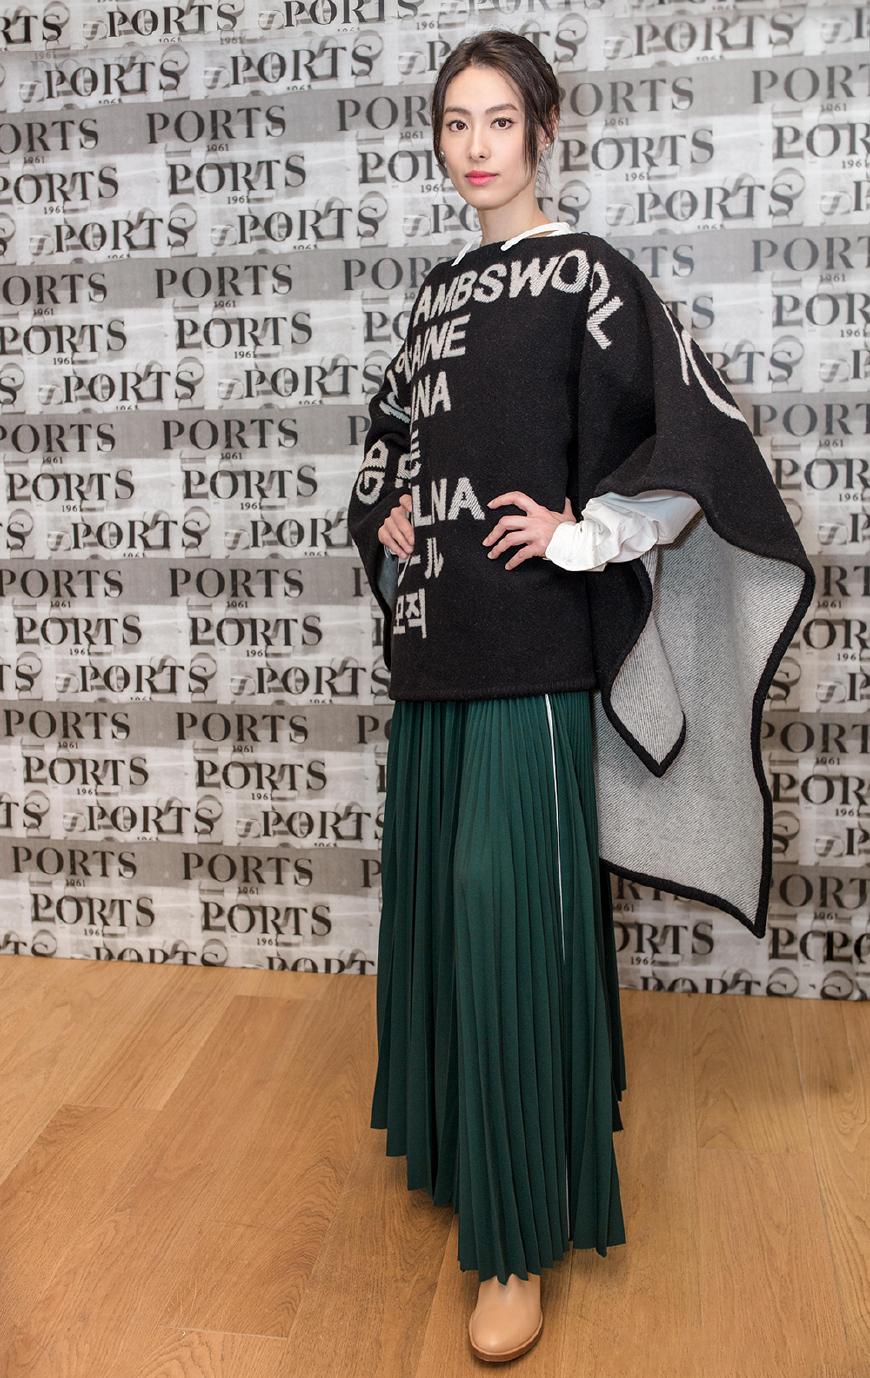 梁洛施复出气质飙升,即将参加伦敦时装周首秀,30岁女神又回来啦